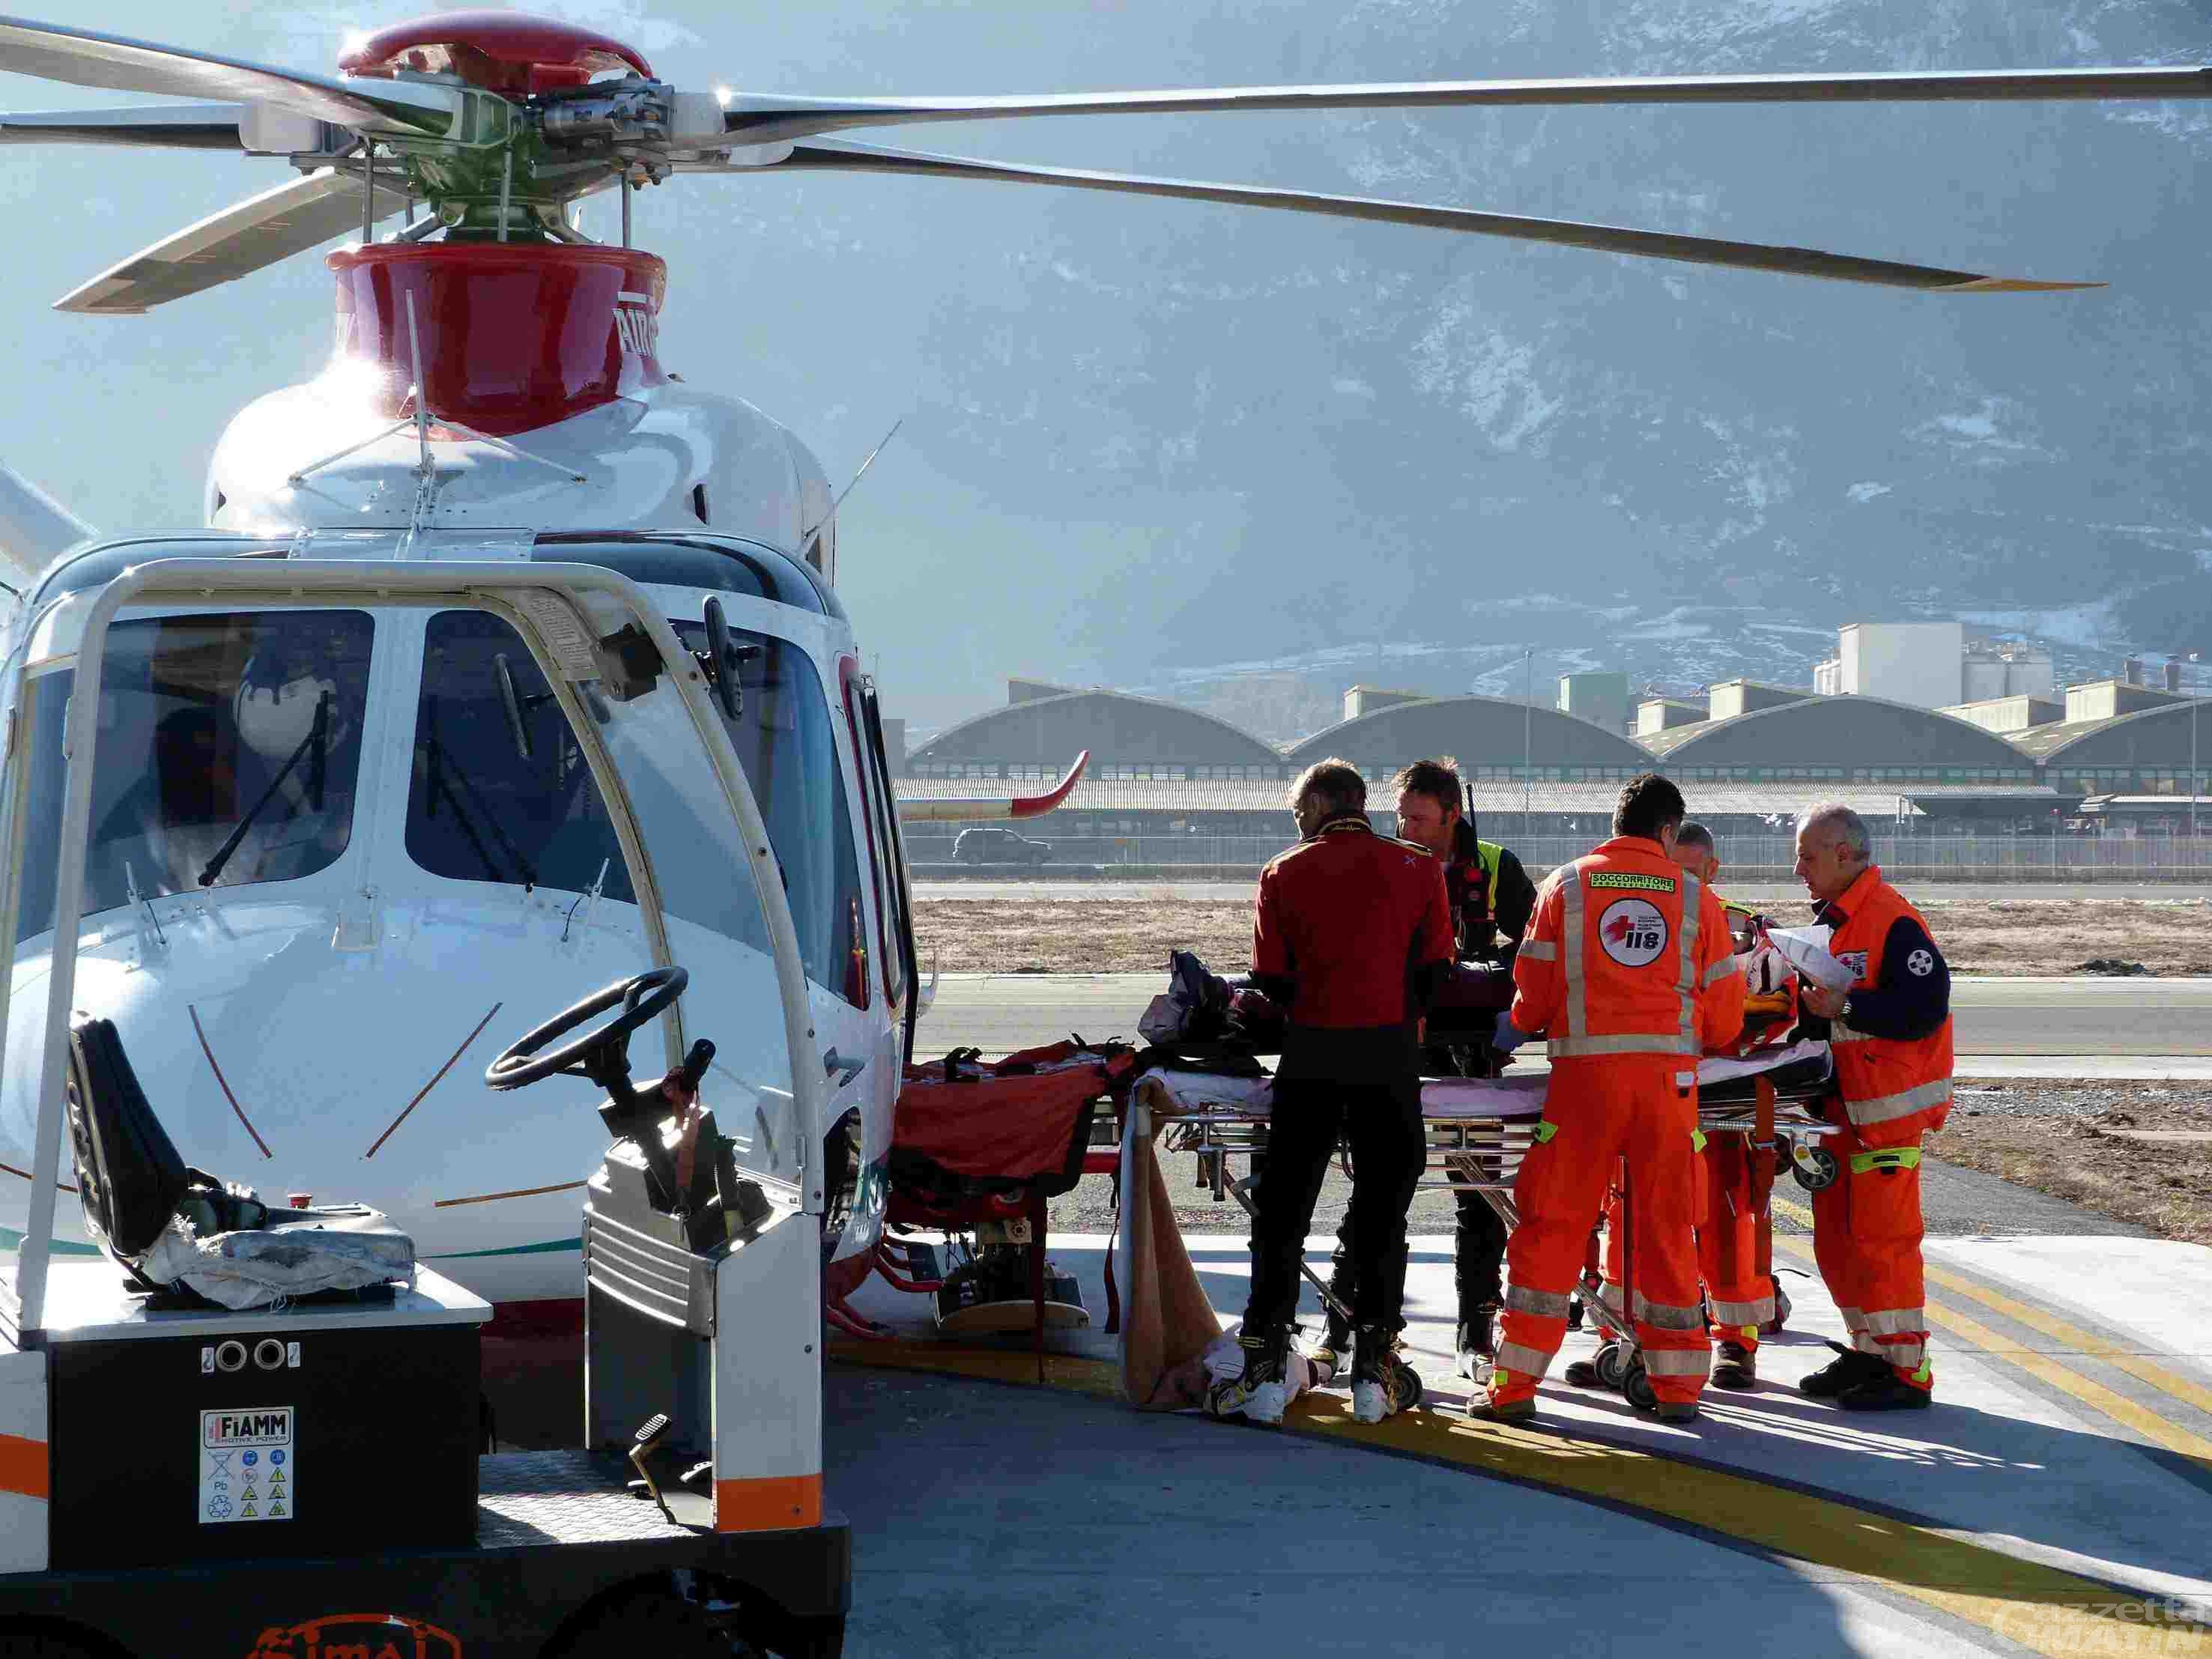 Pila: salvato sulle piste grazie al defibrillatore semi automatico